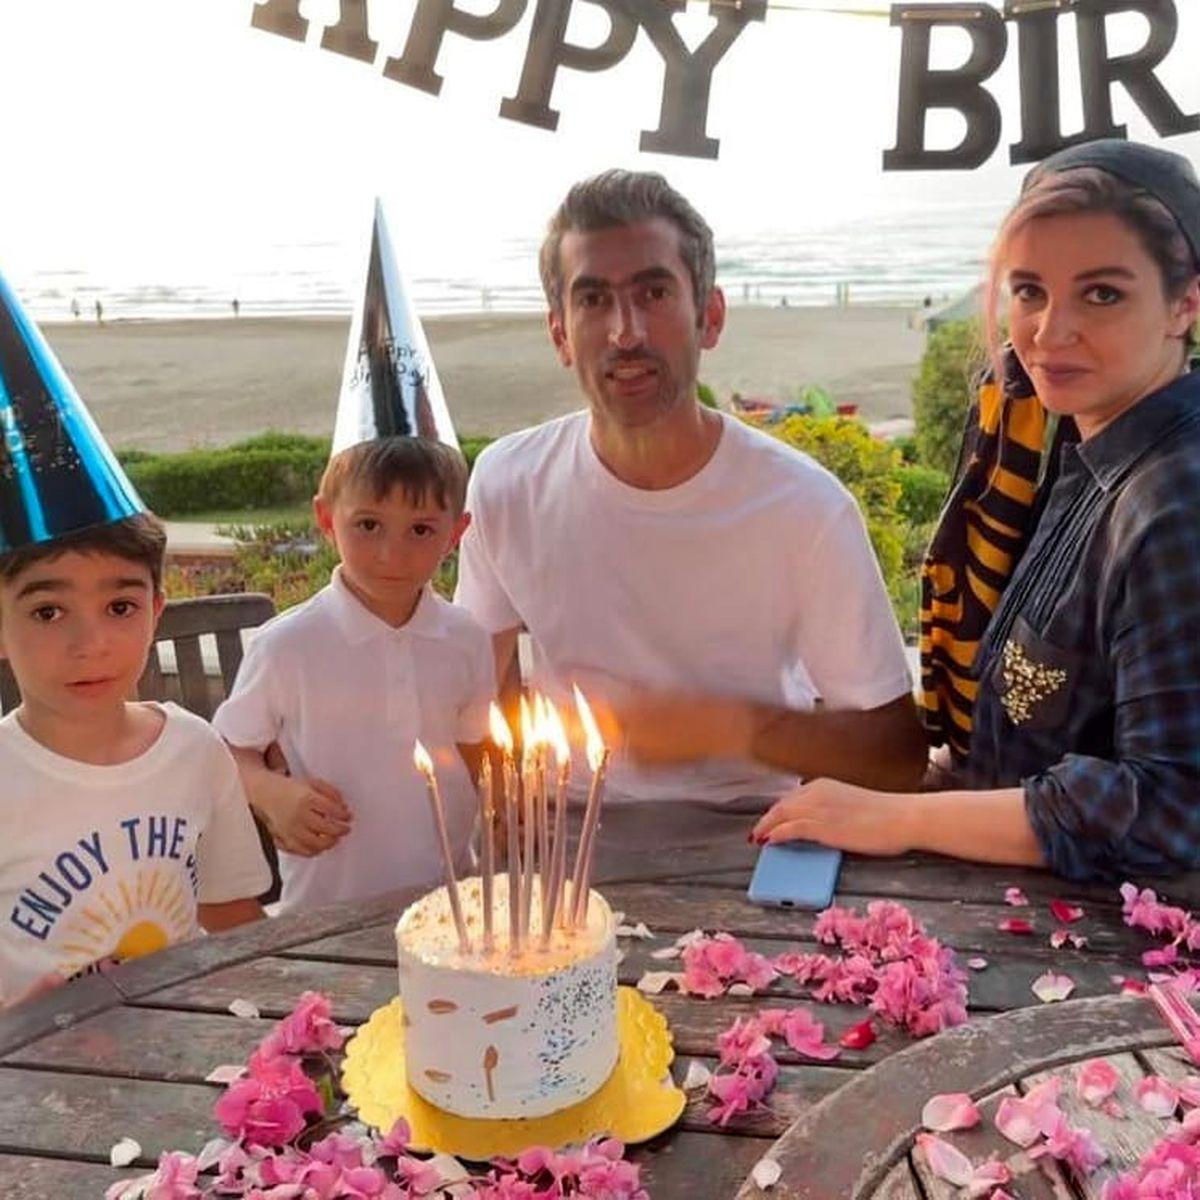 جشن تولد لاکچری مجتبی جباری کنار دریا + عکس